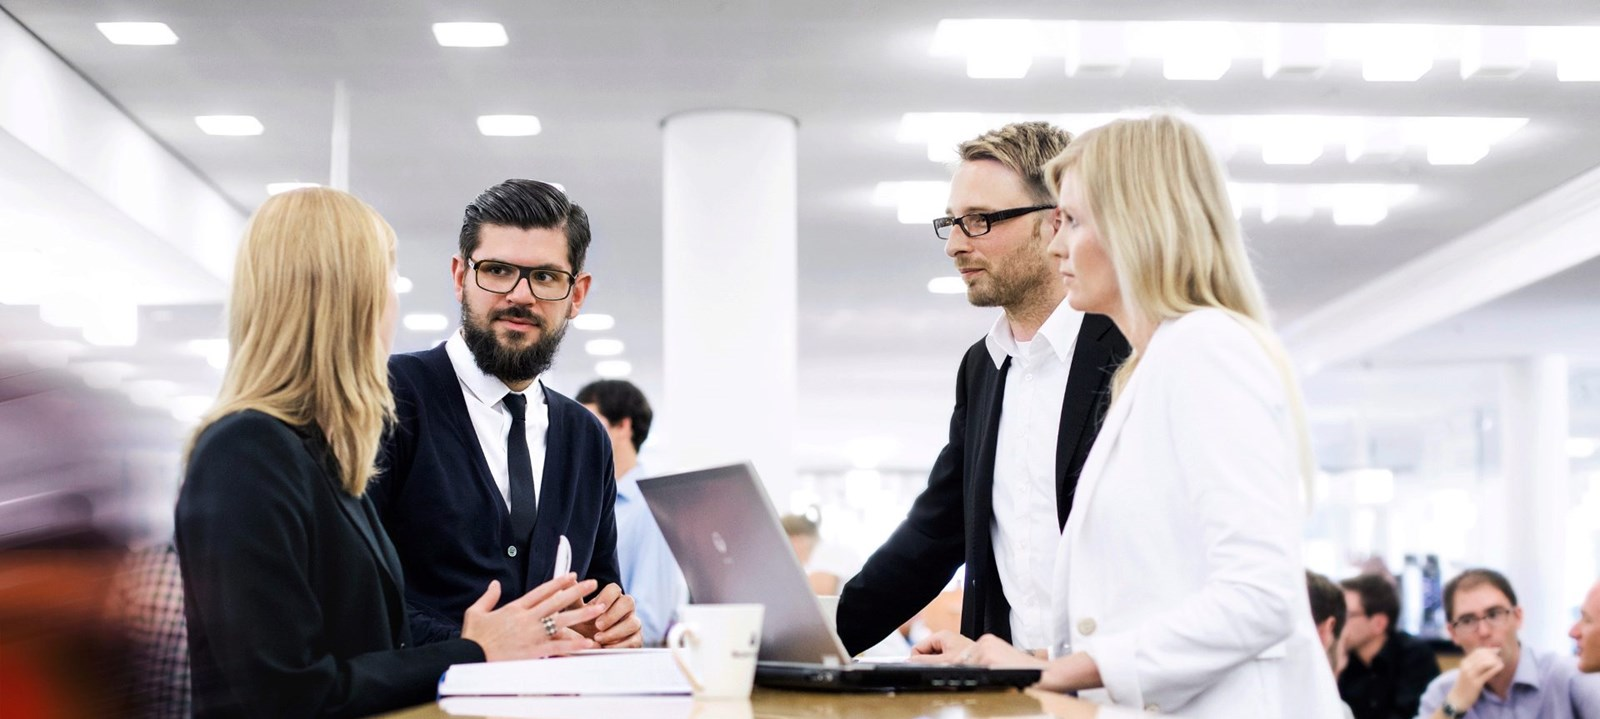 Sales executive là gì? Những yếu tố trở thành Sales executive chuyên nghiệp  là gì?